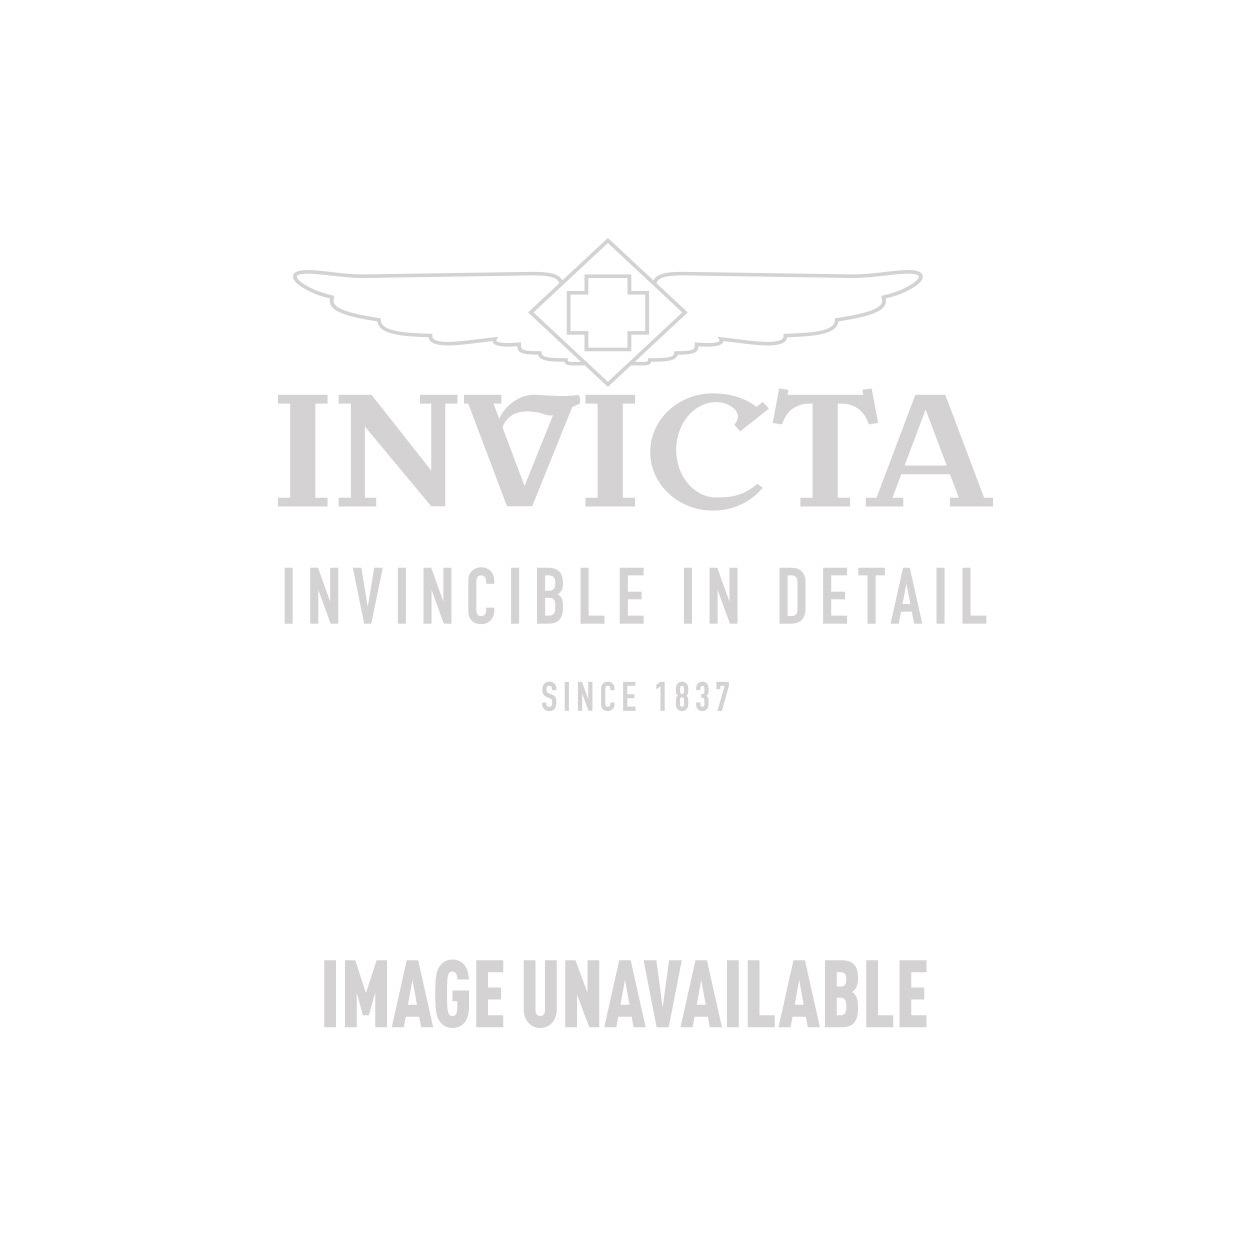 Invicta Model 27644